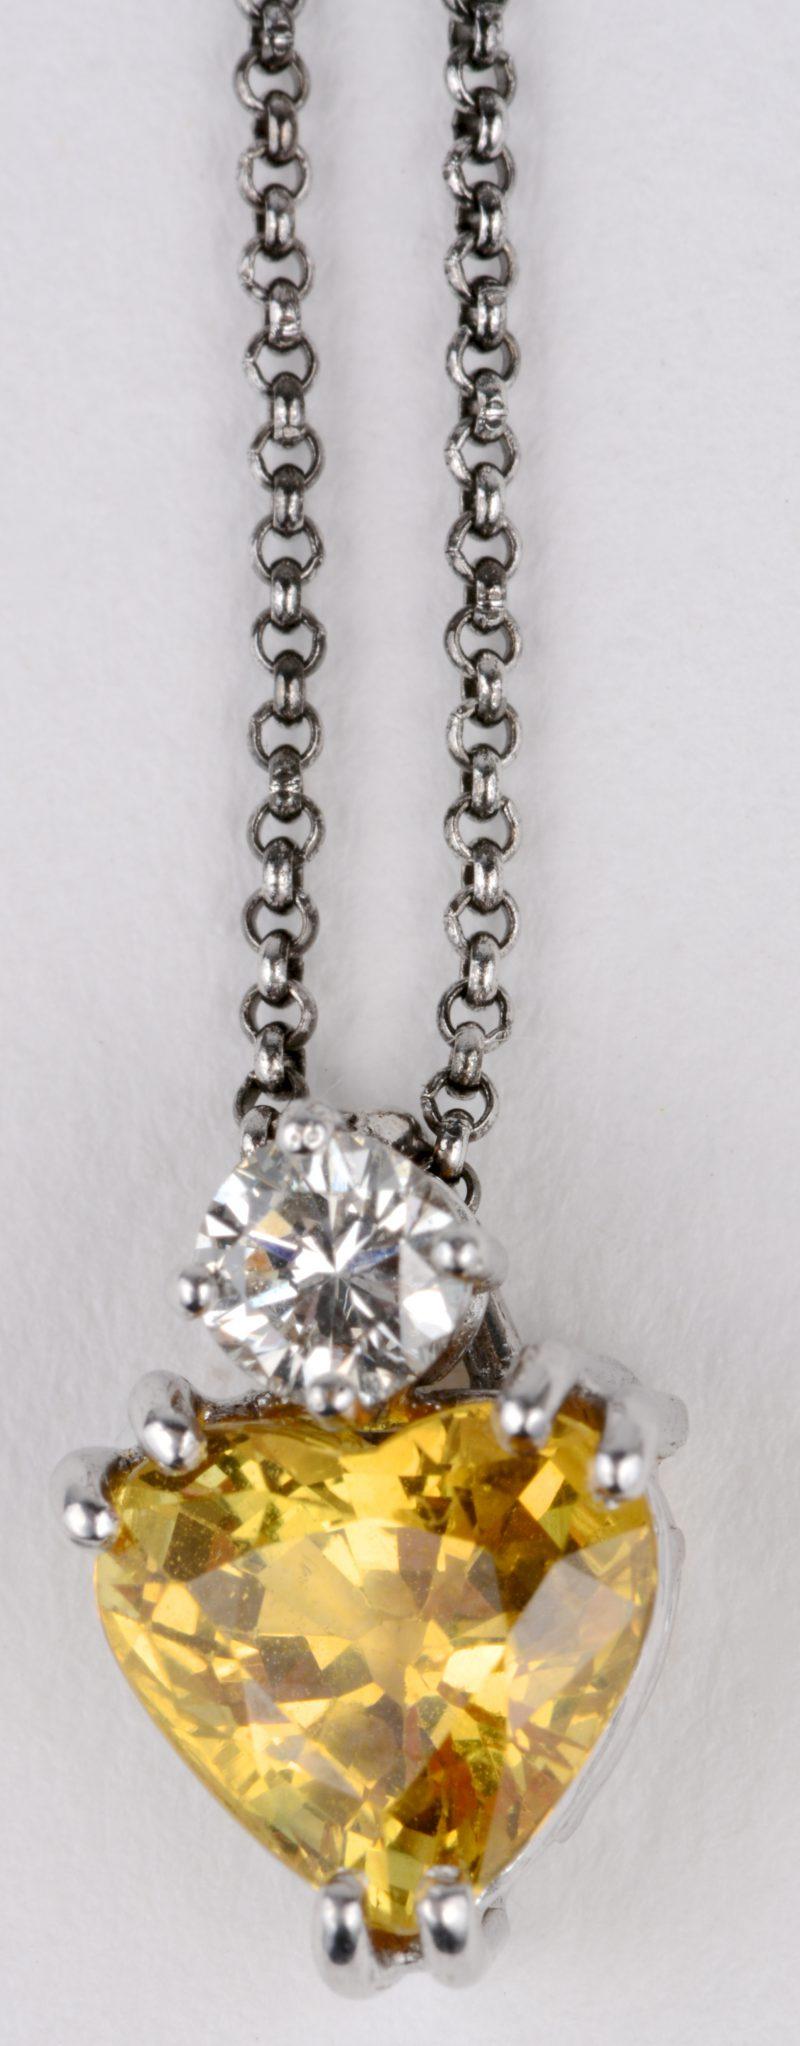 Een 18 karaats wit gouden gerodeerde ketting met hanger bezet met een briljant van ± 0,20 ct. en een hartvormige gele saffier van ± 2 ct.